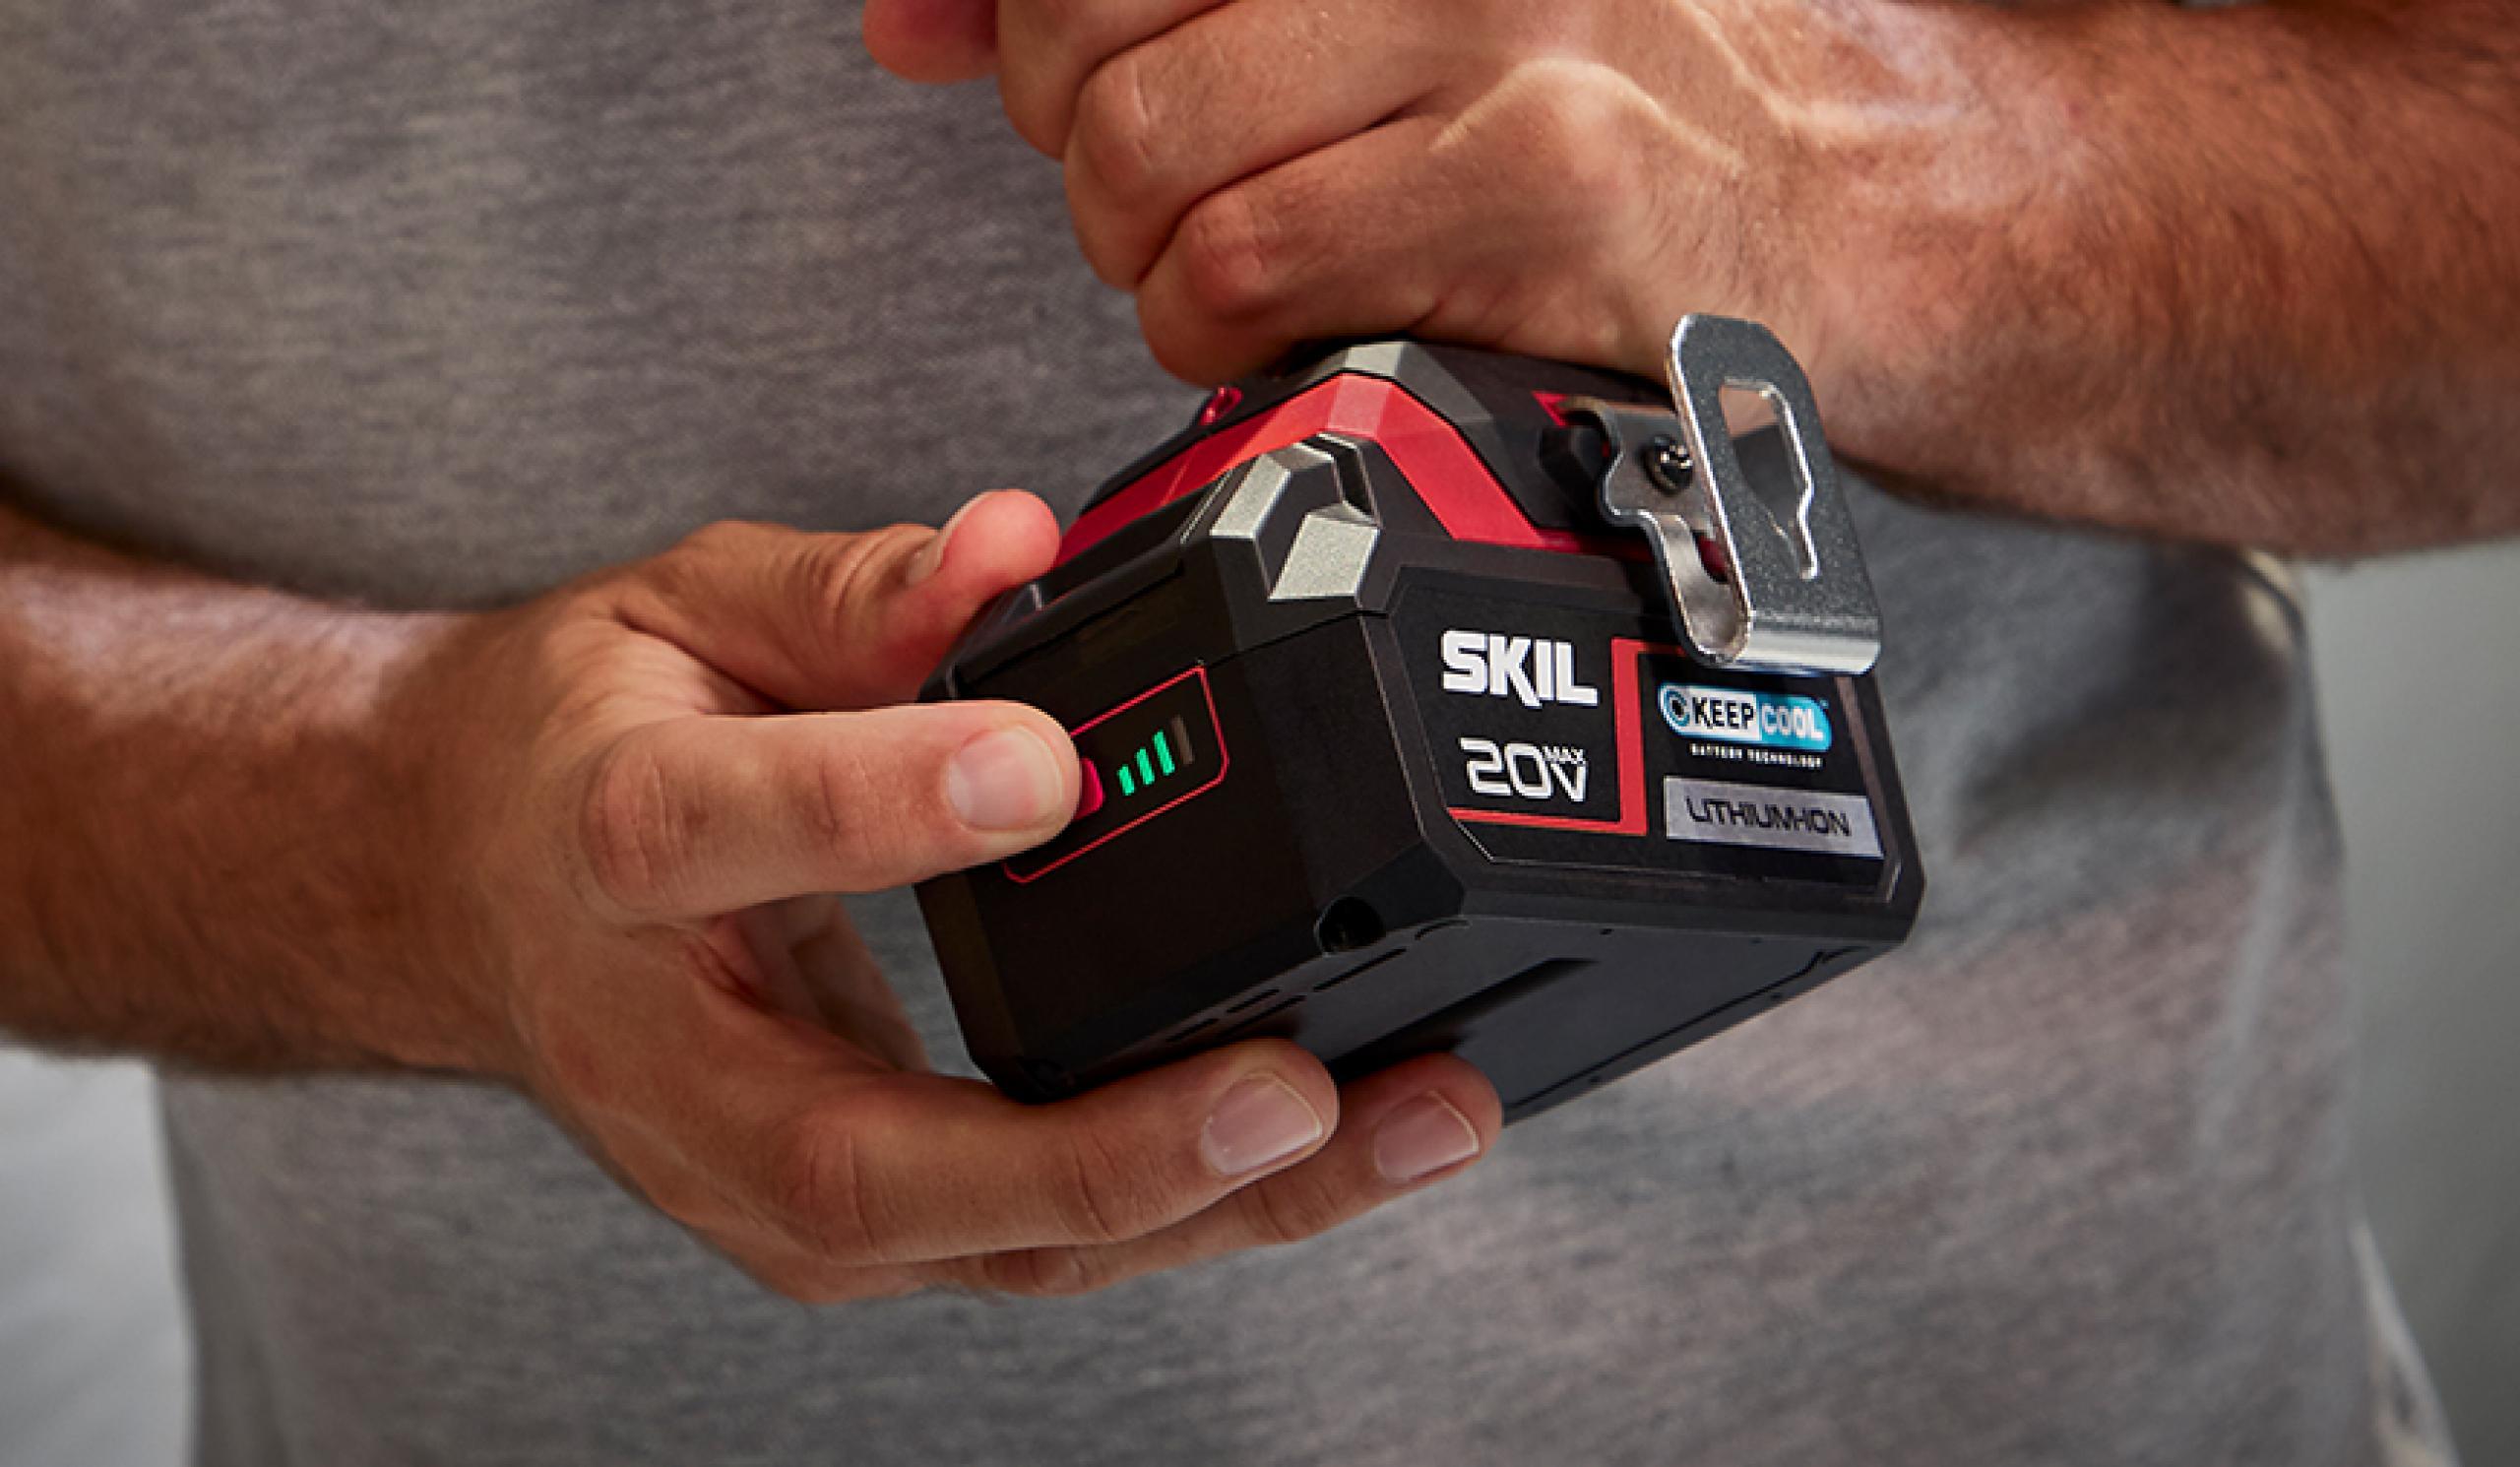 Patentēts akumulatora uzlādes pakāpes indikators: indikators, kuram Jūs varat ticēt